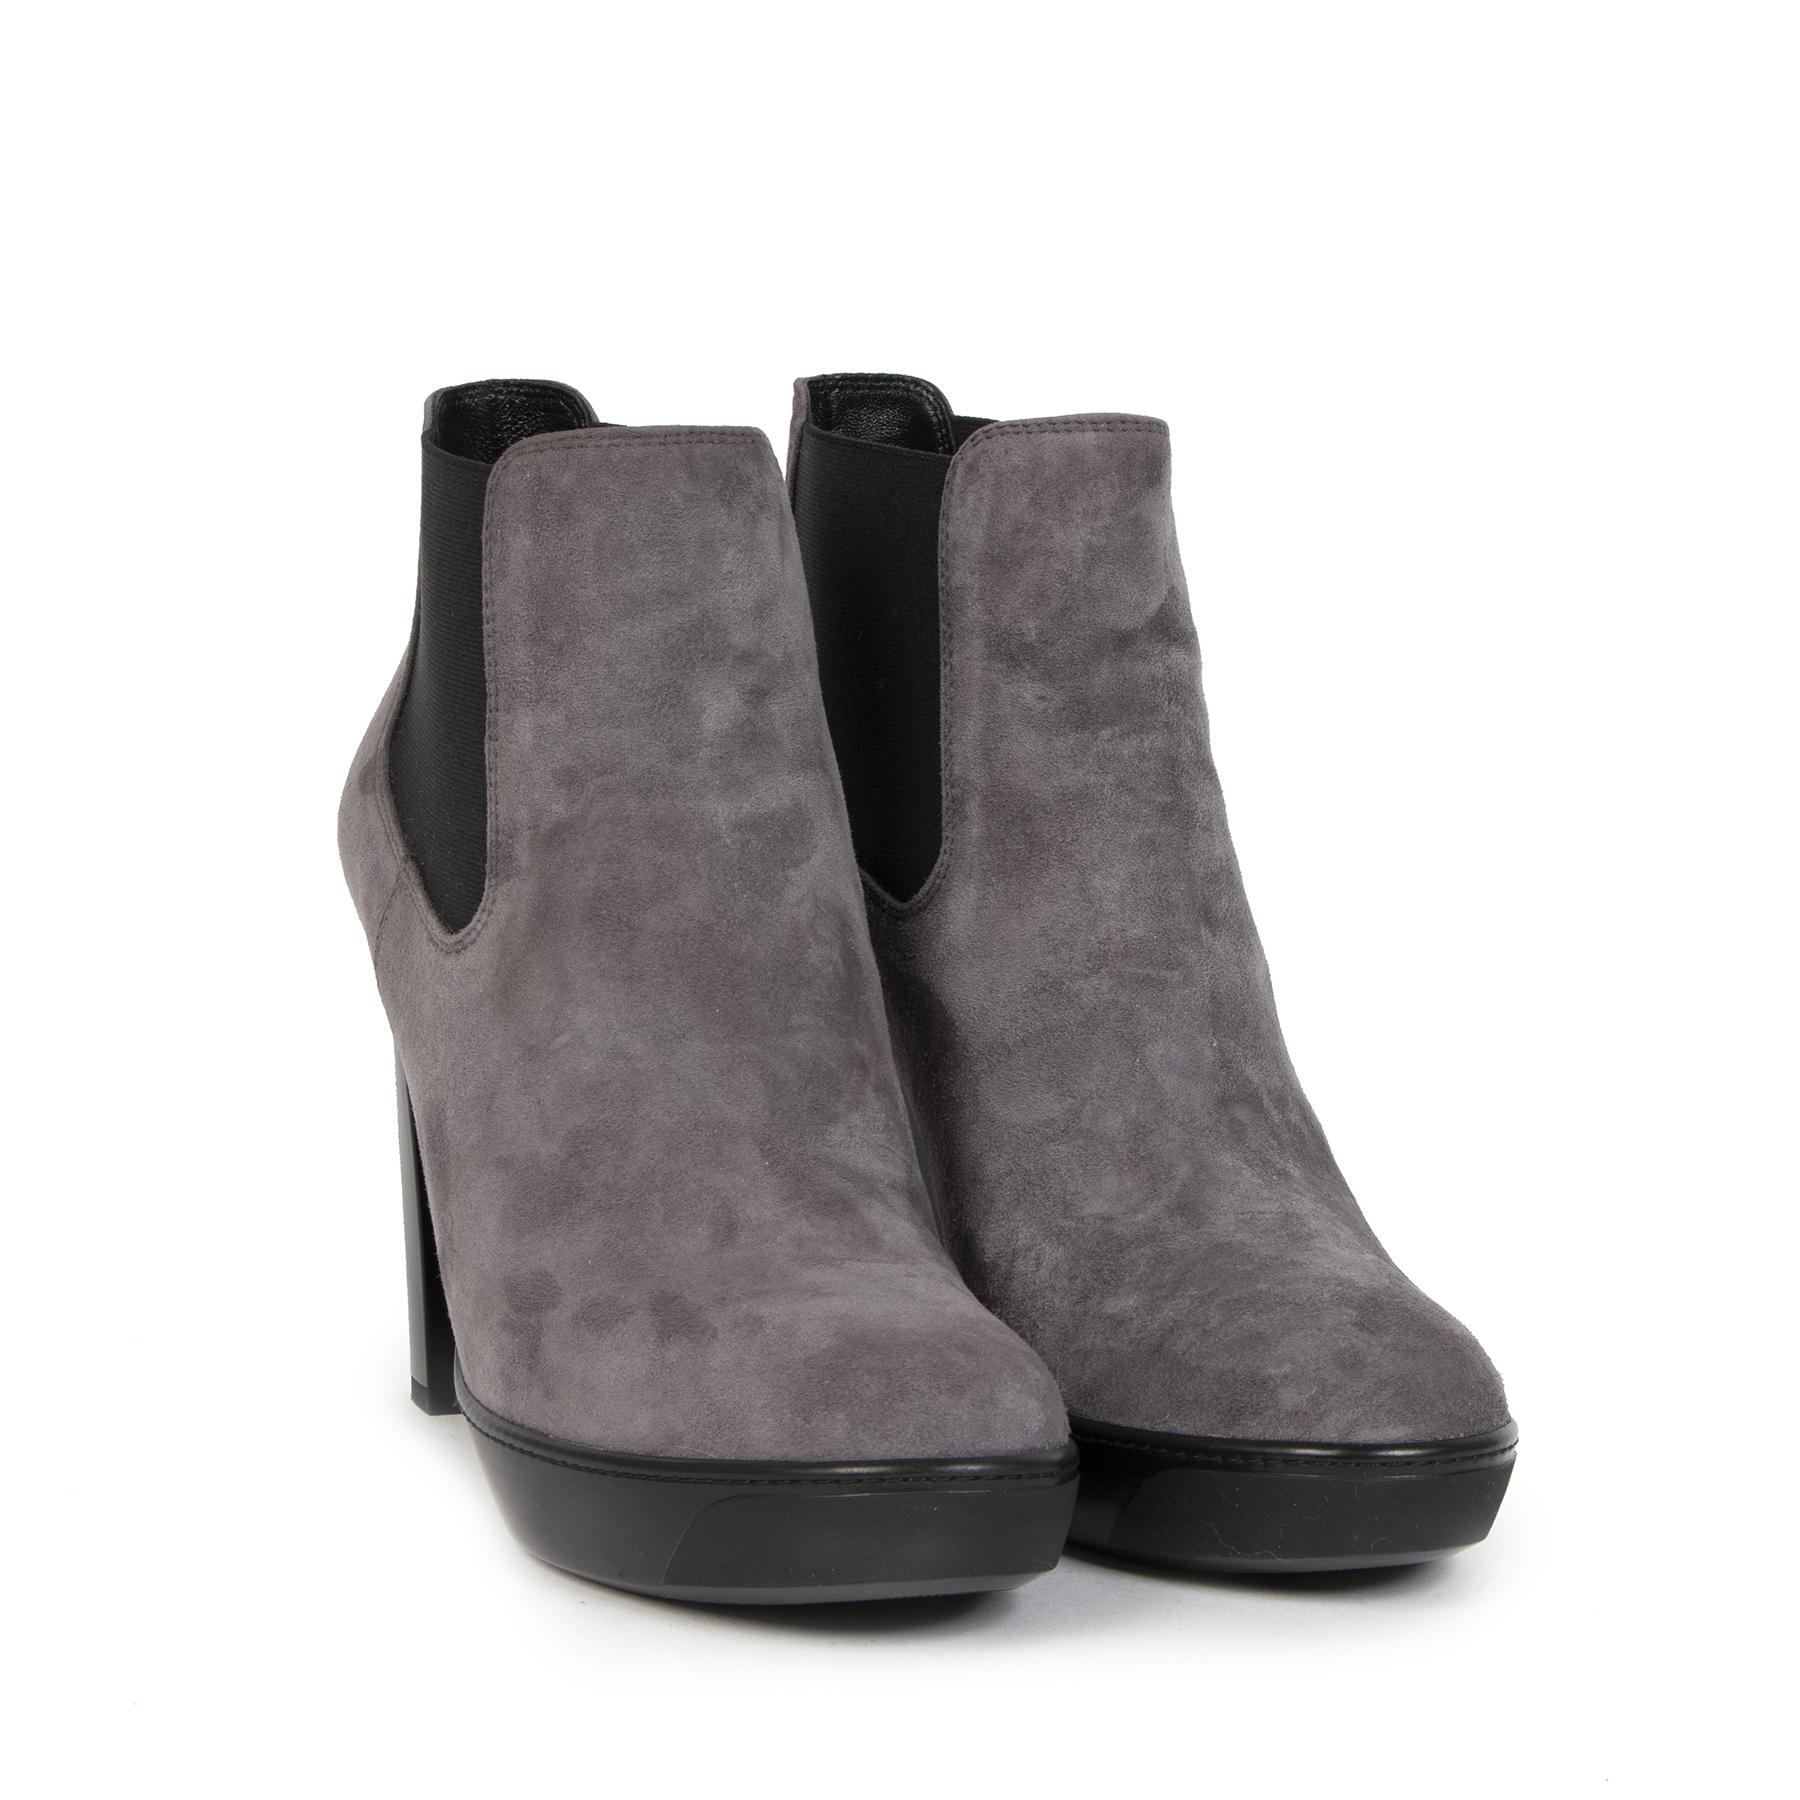 Authentieke Tweedehands Hogan Grey Suede Ankle Boots - Size 40 juiste prijs veilig online shoppen luxe merken webshop winkelen Antwerpen België mode fashion